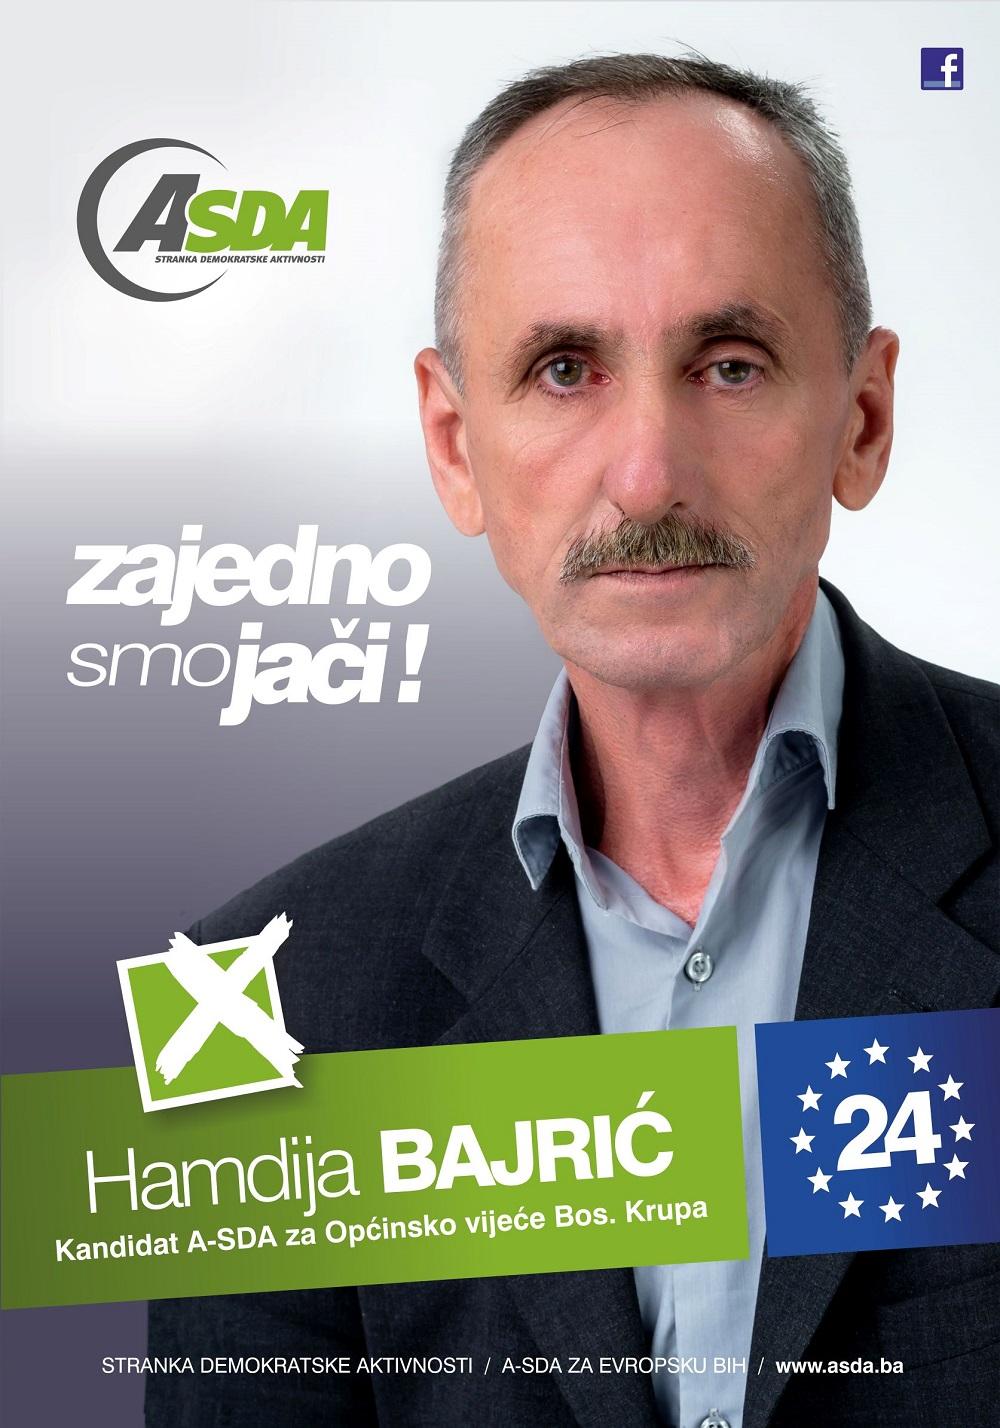 Hamdija Bajrić